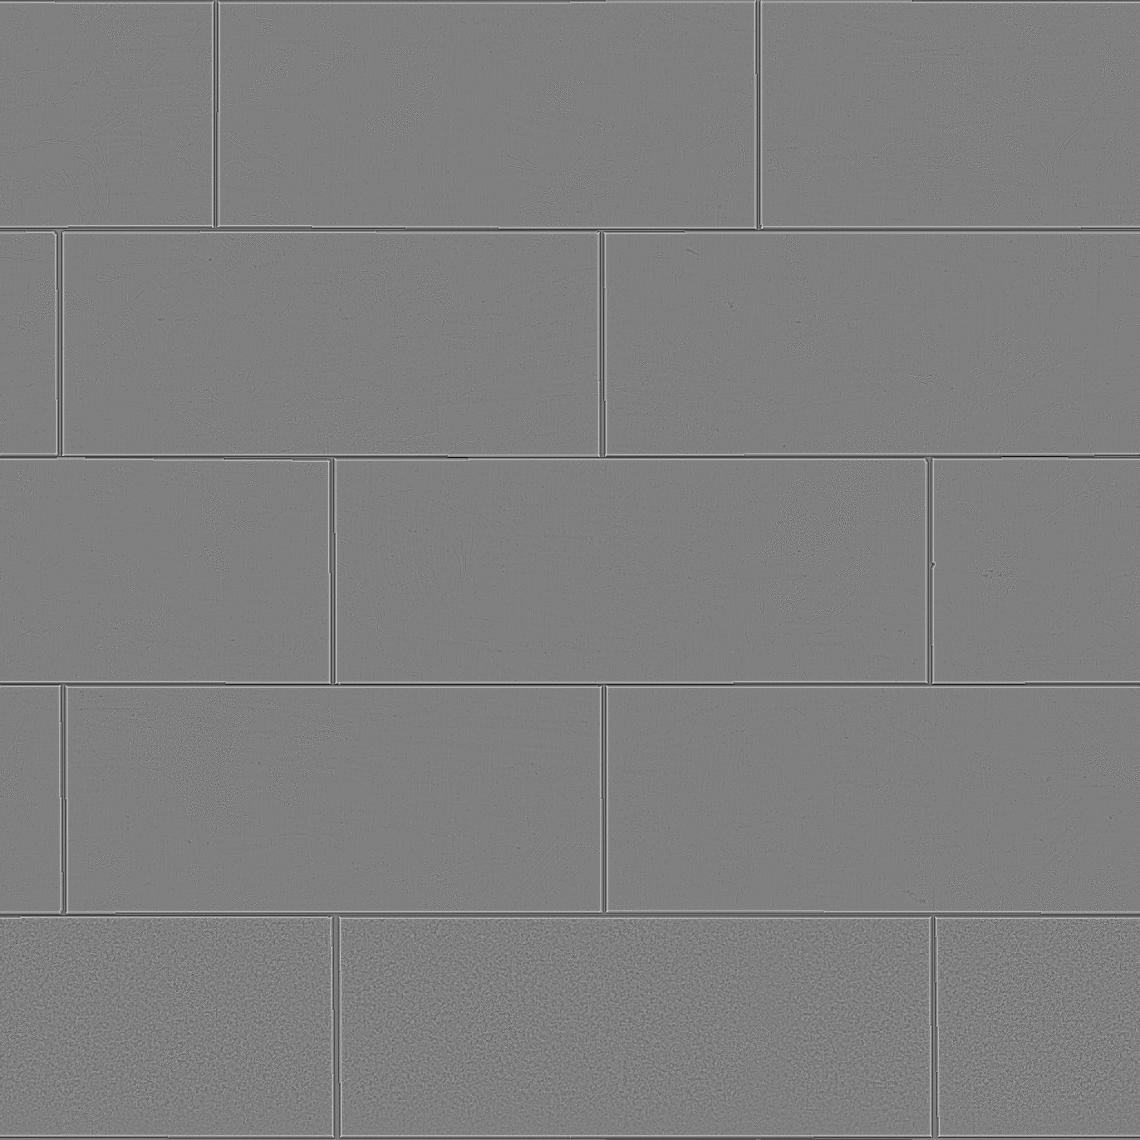 Brick-Large-02-Curvature